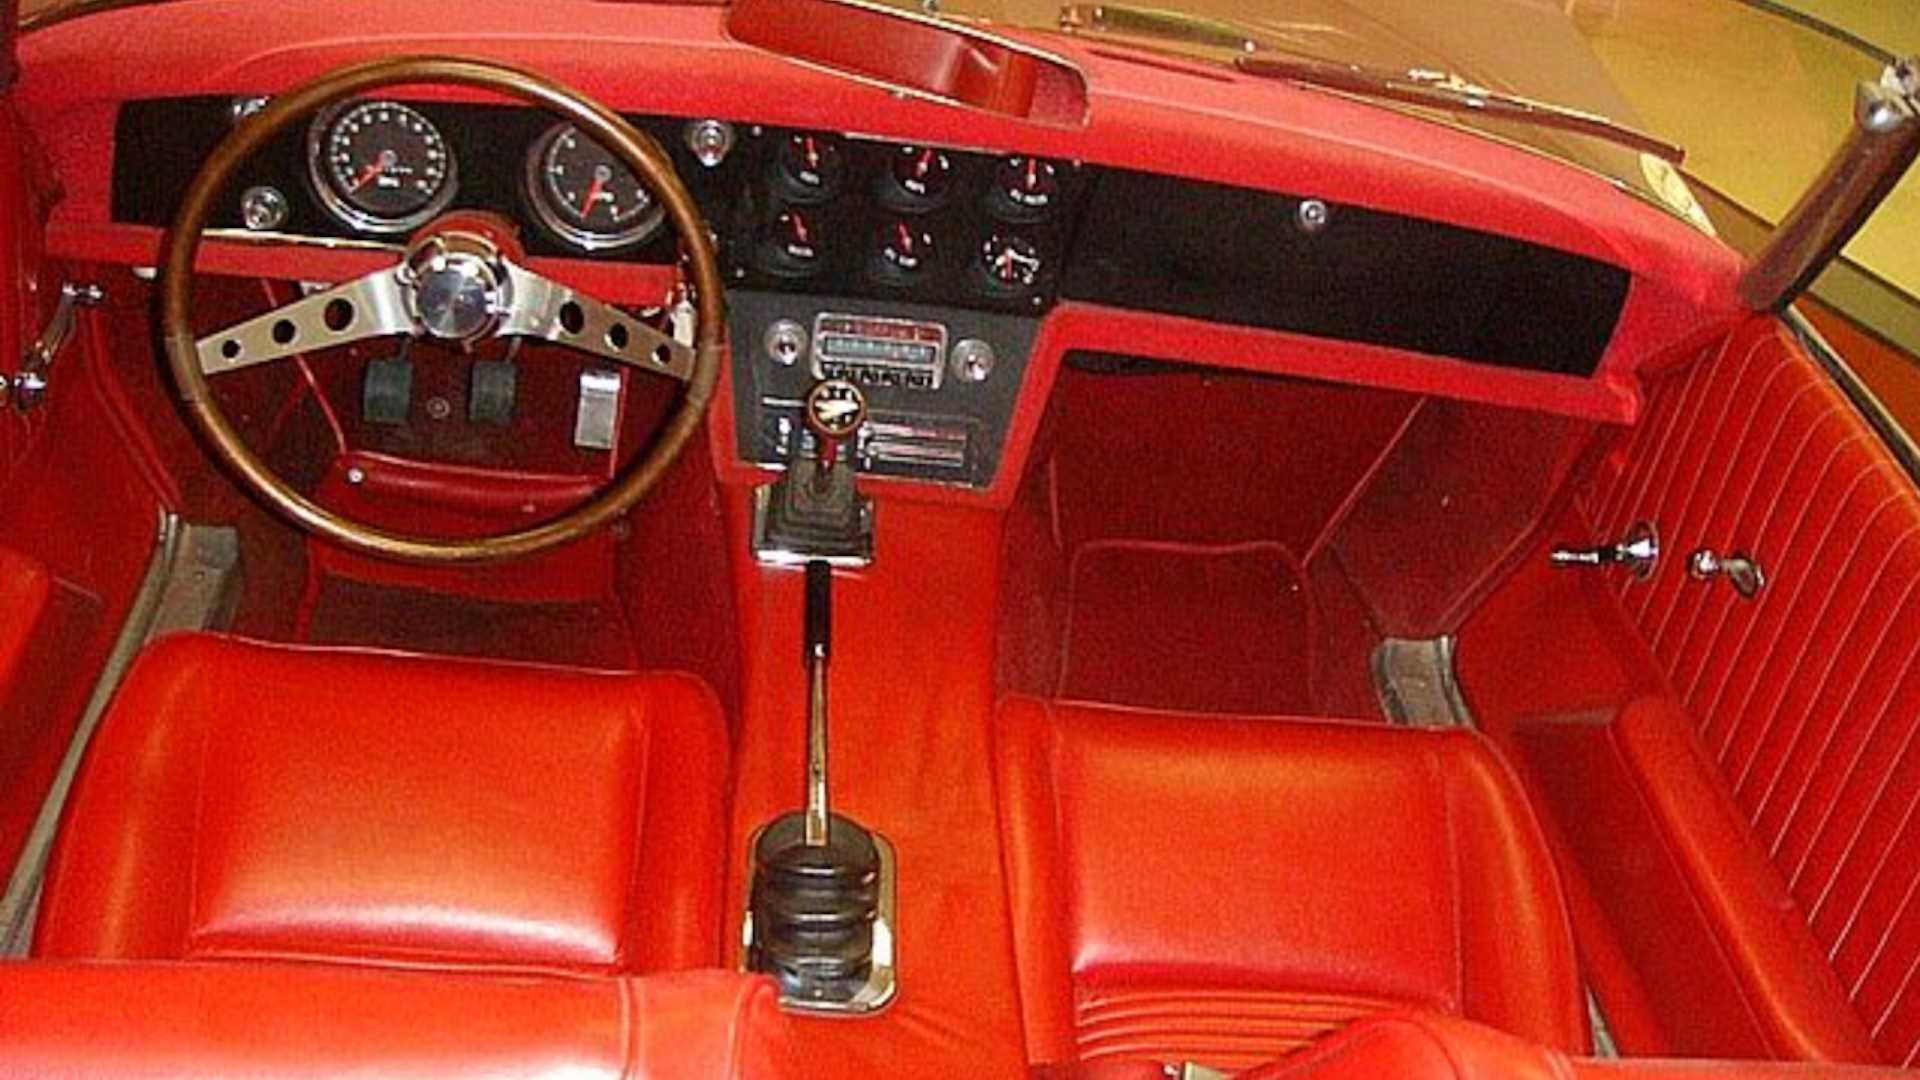 Спортивное купе Panstiac Banshee образца 1964 года продается за 55 458 075 рублей